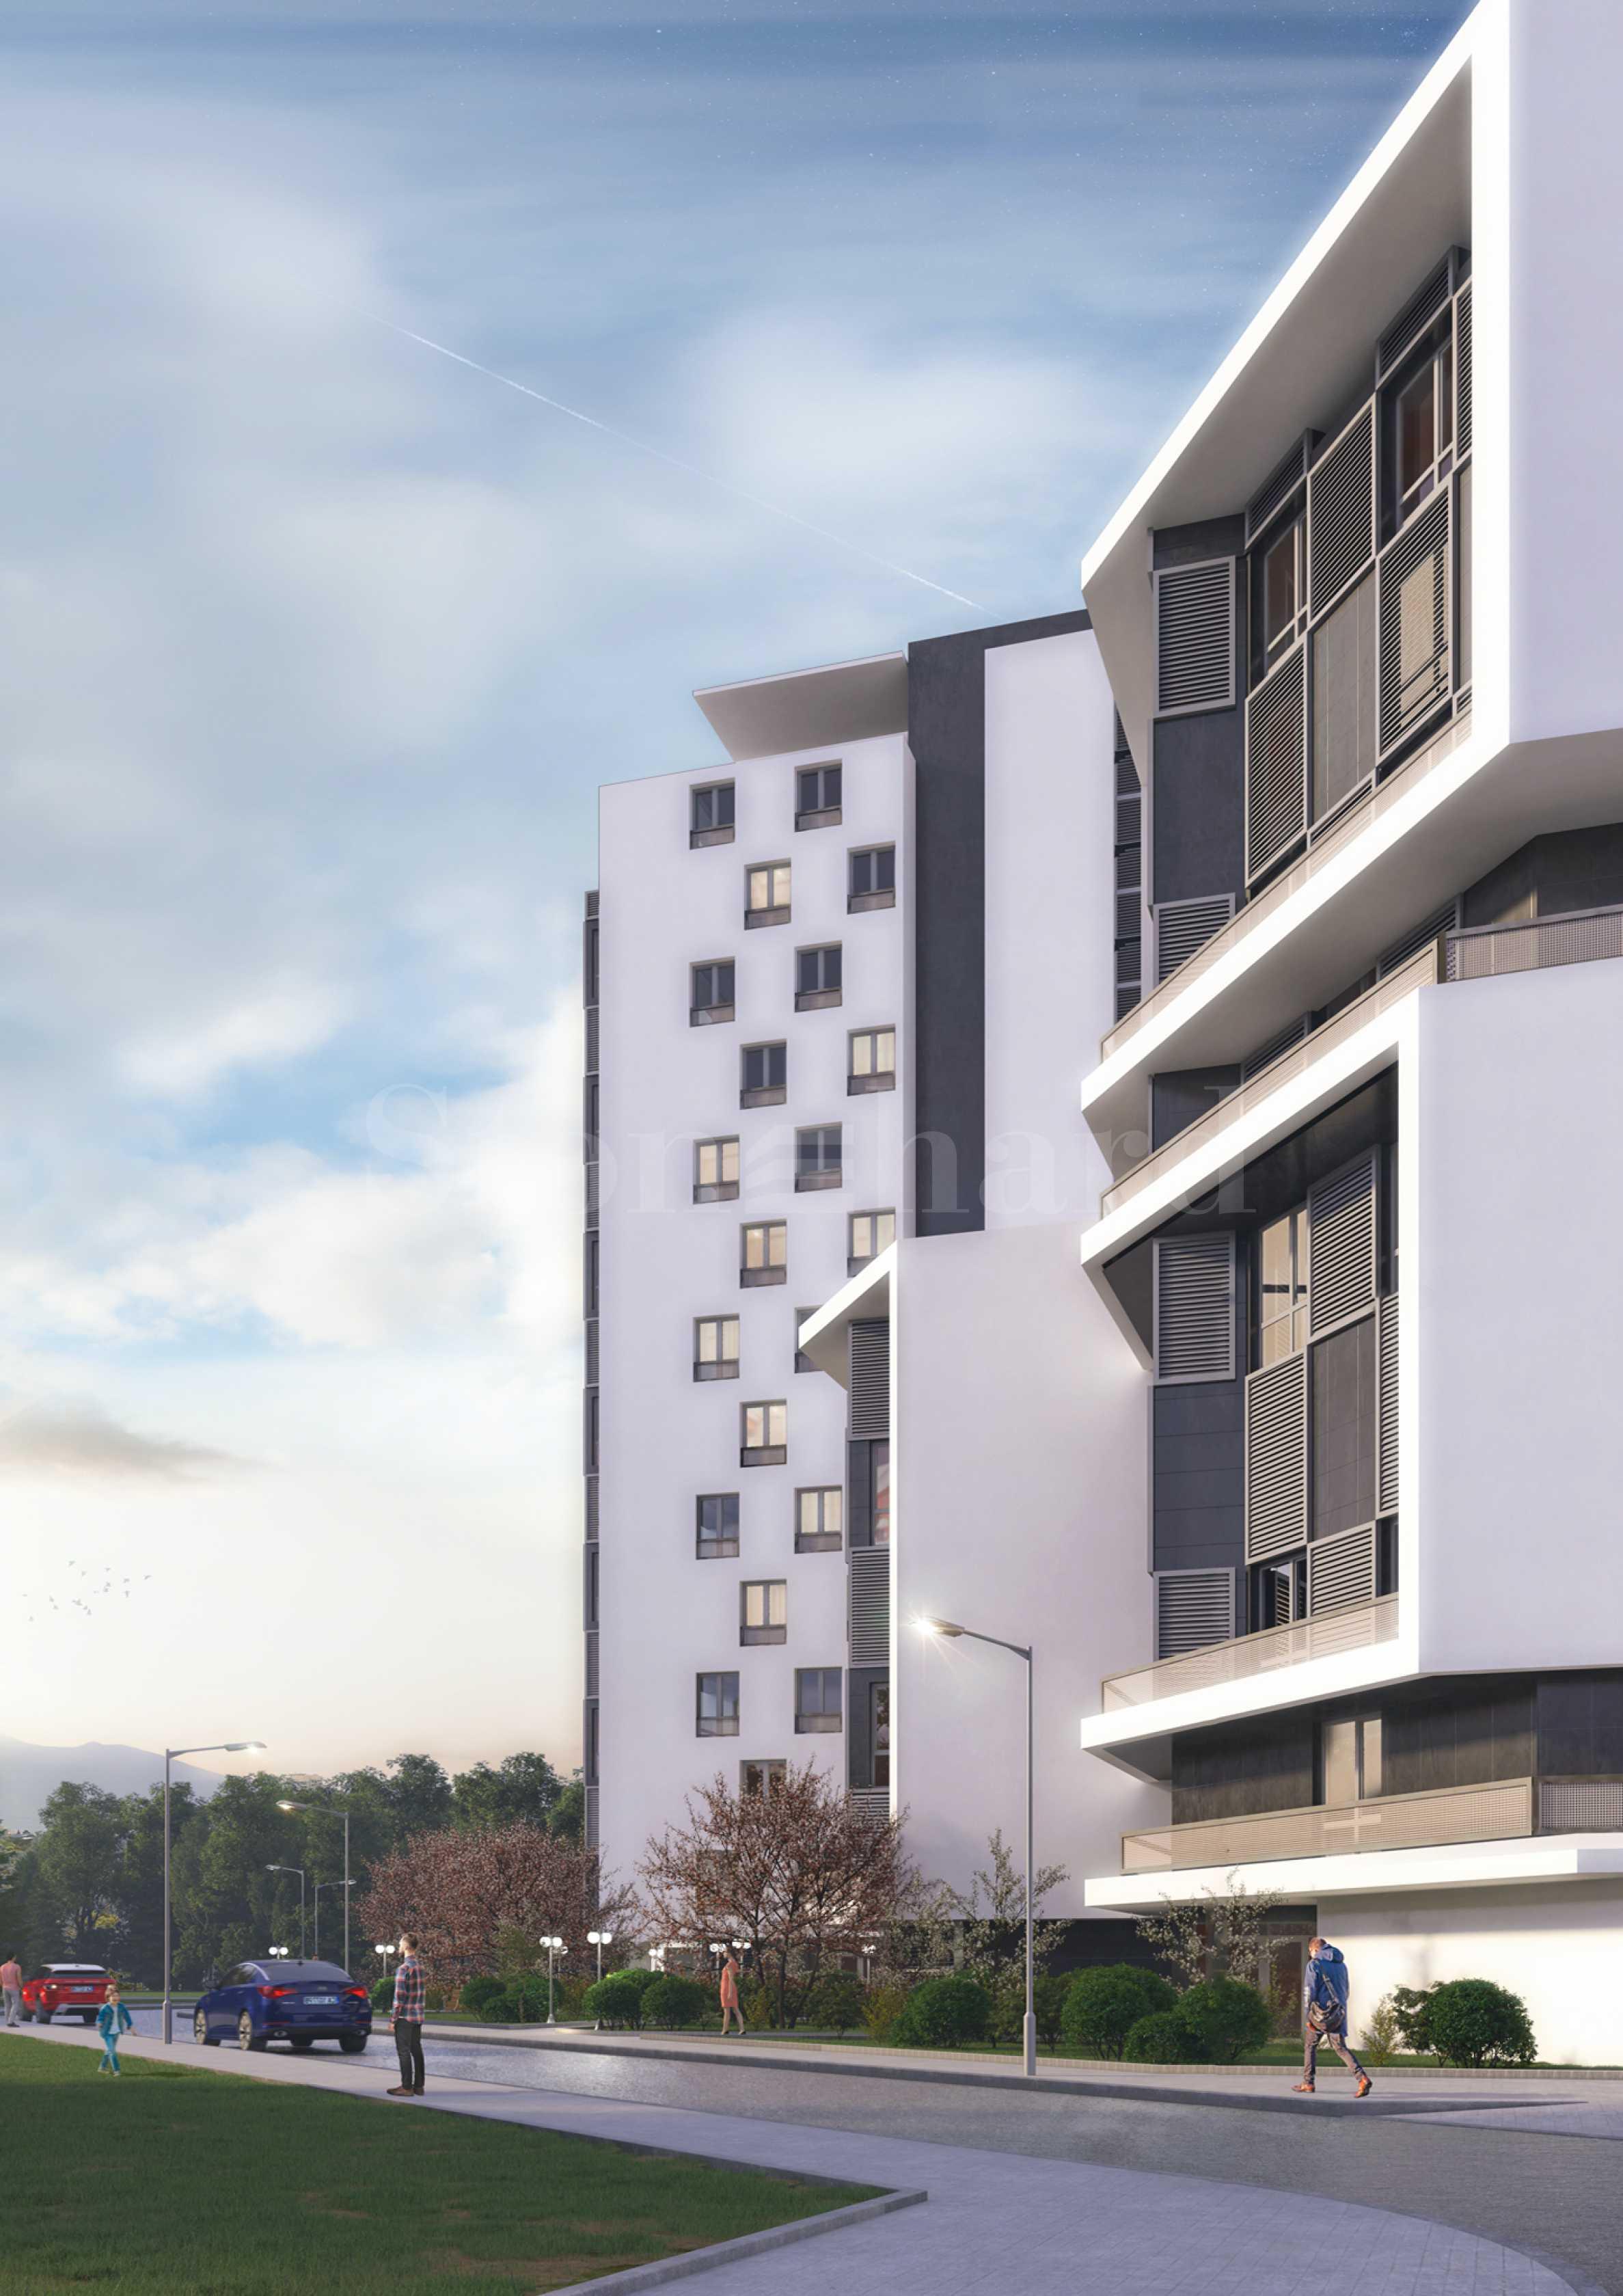 Масштабный проект жилого комплекса вблизи центра Софии в тихом районе 2 - Stonehard